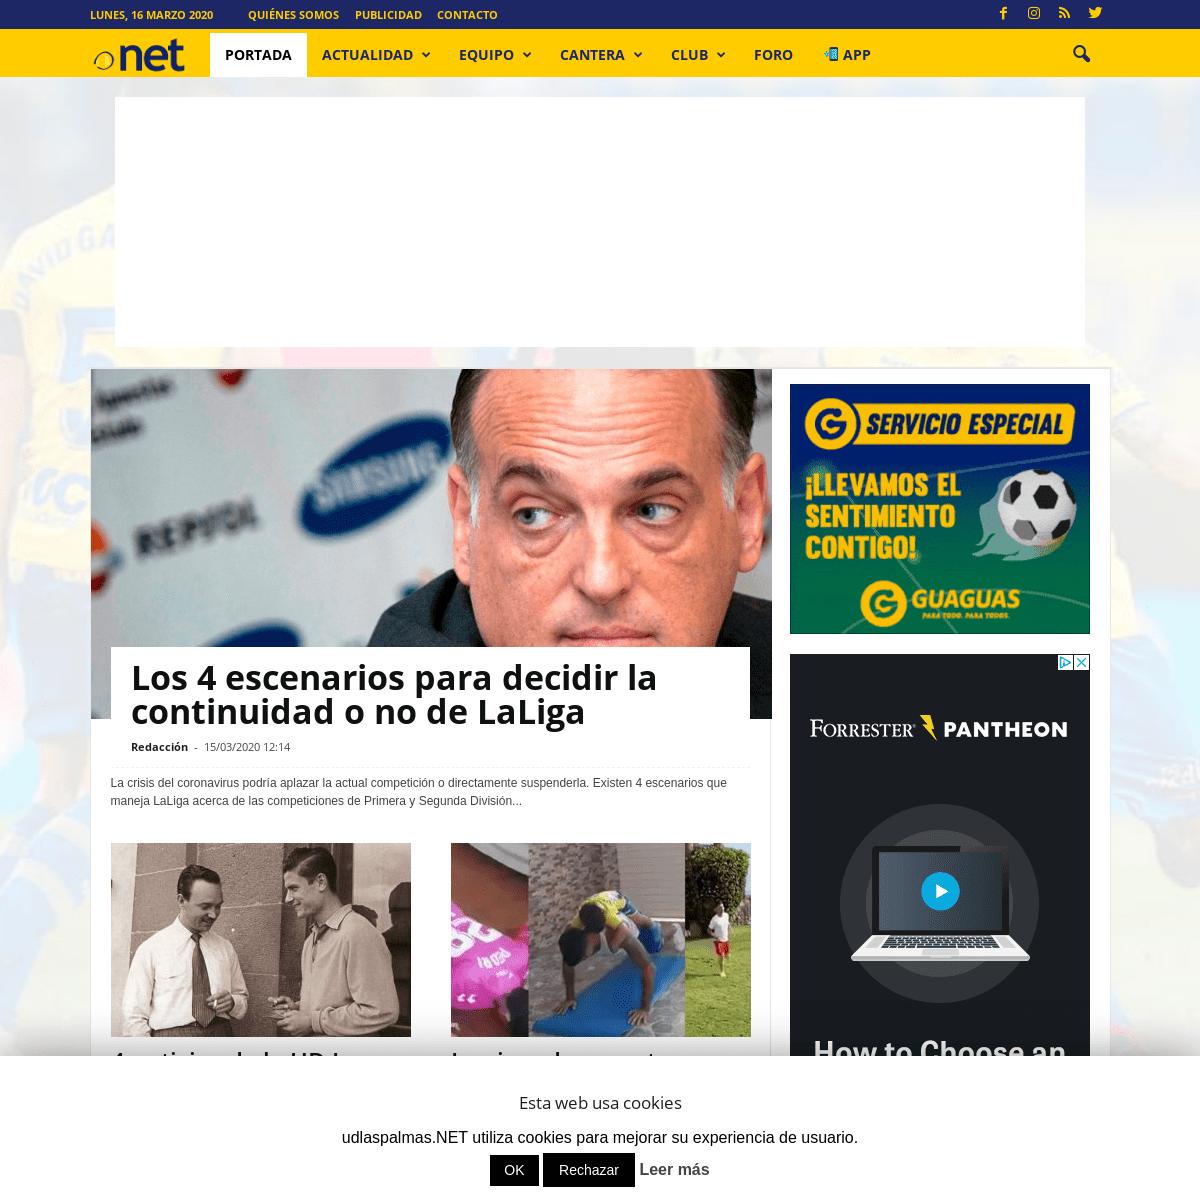 udlaspalmas.NET - UD Las Palmas, La web de la afición